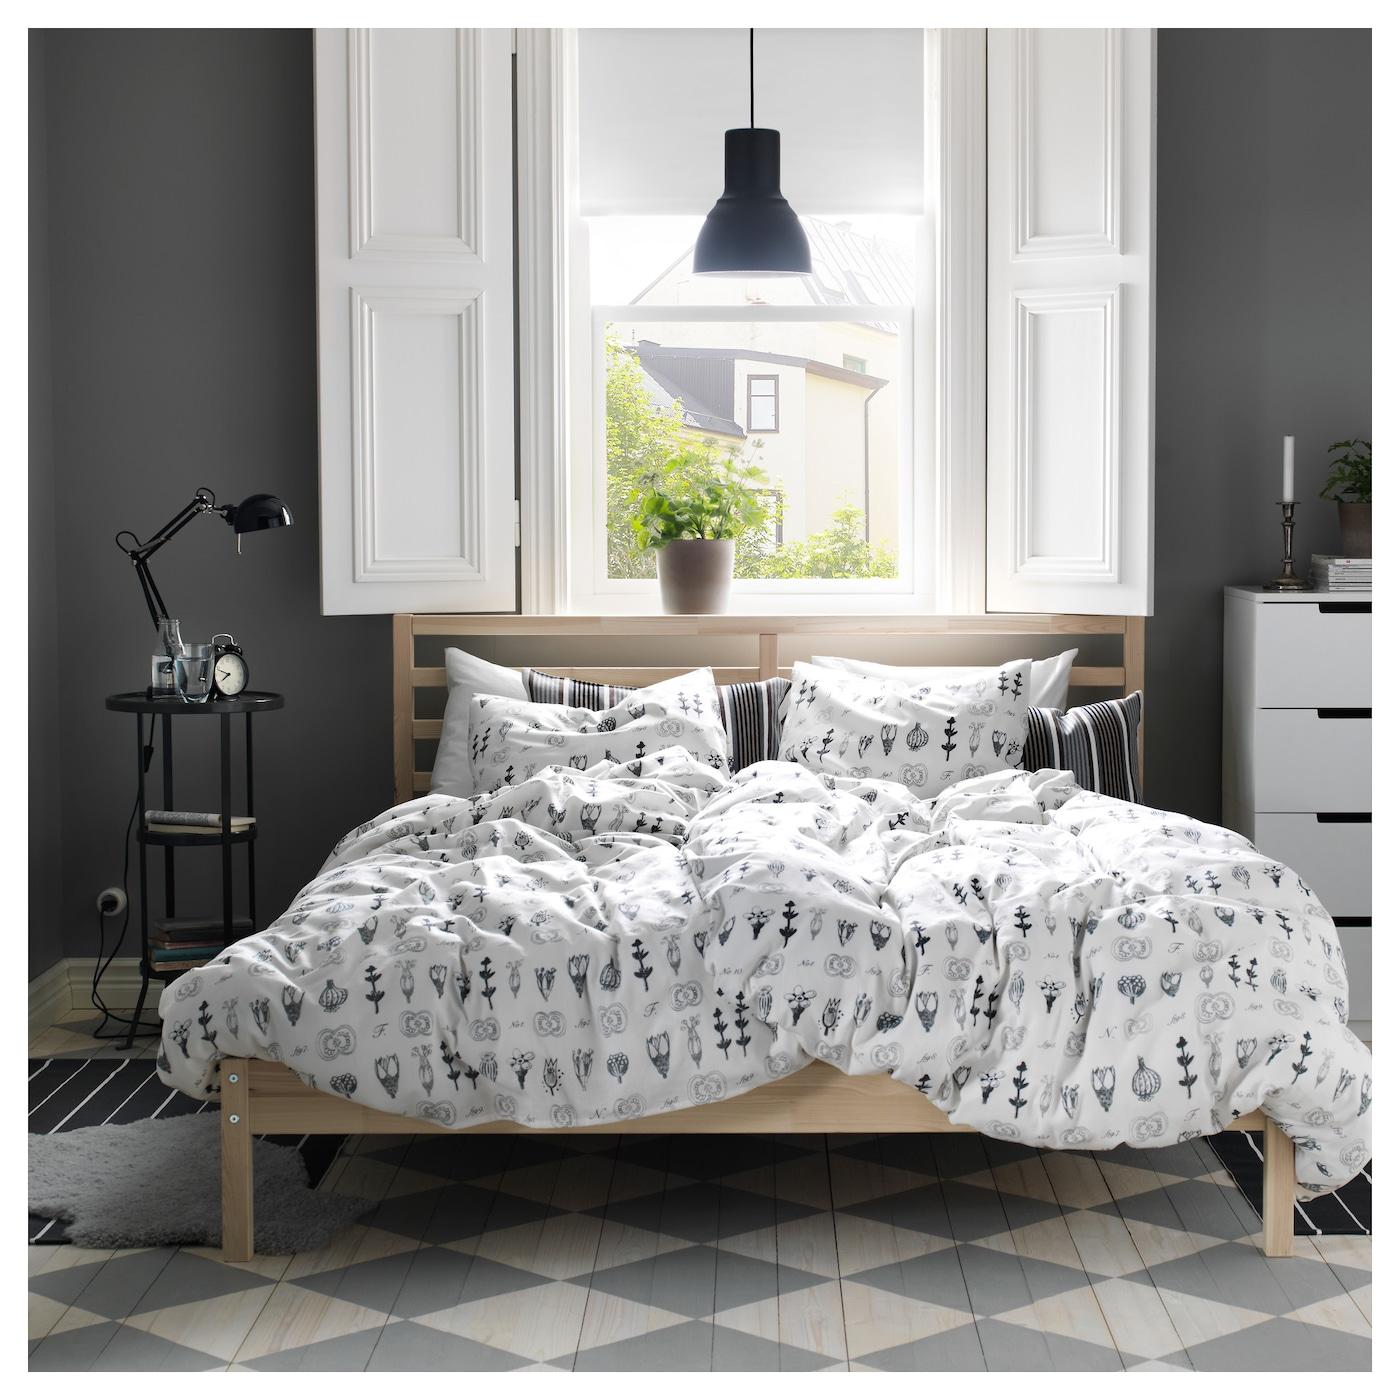 tarva cadre de lit pin 140x200 cm ikea. Black Bedroom Furniture Sets. Home Design Ideas